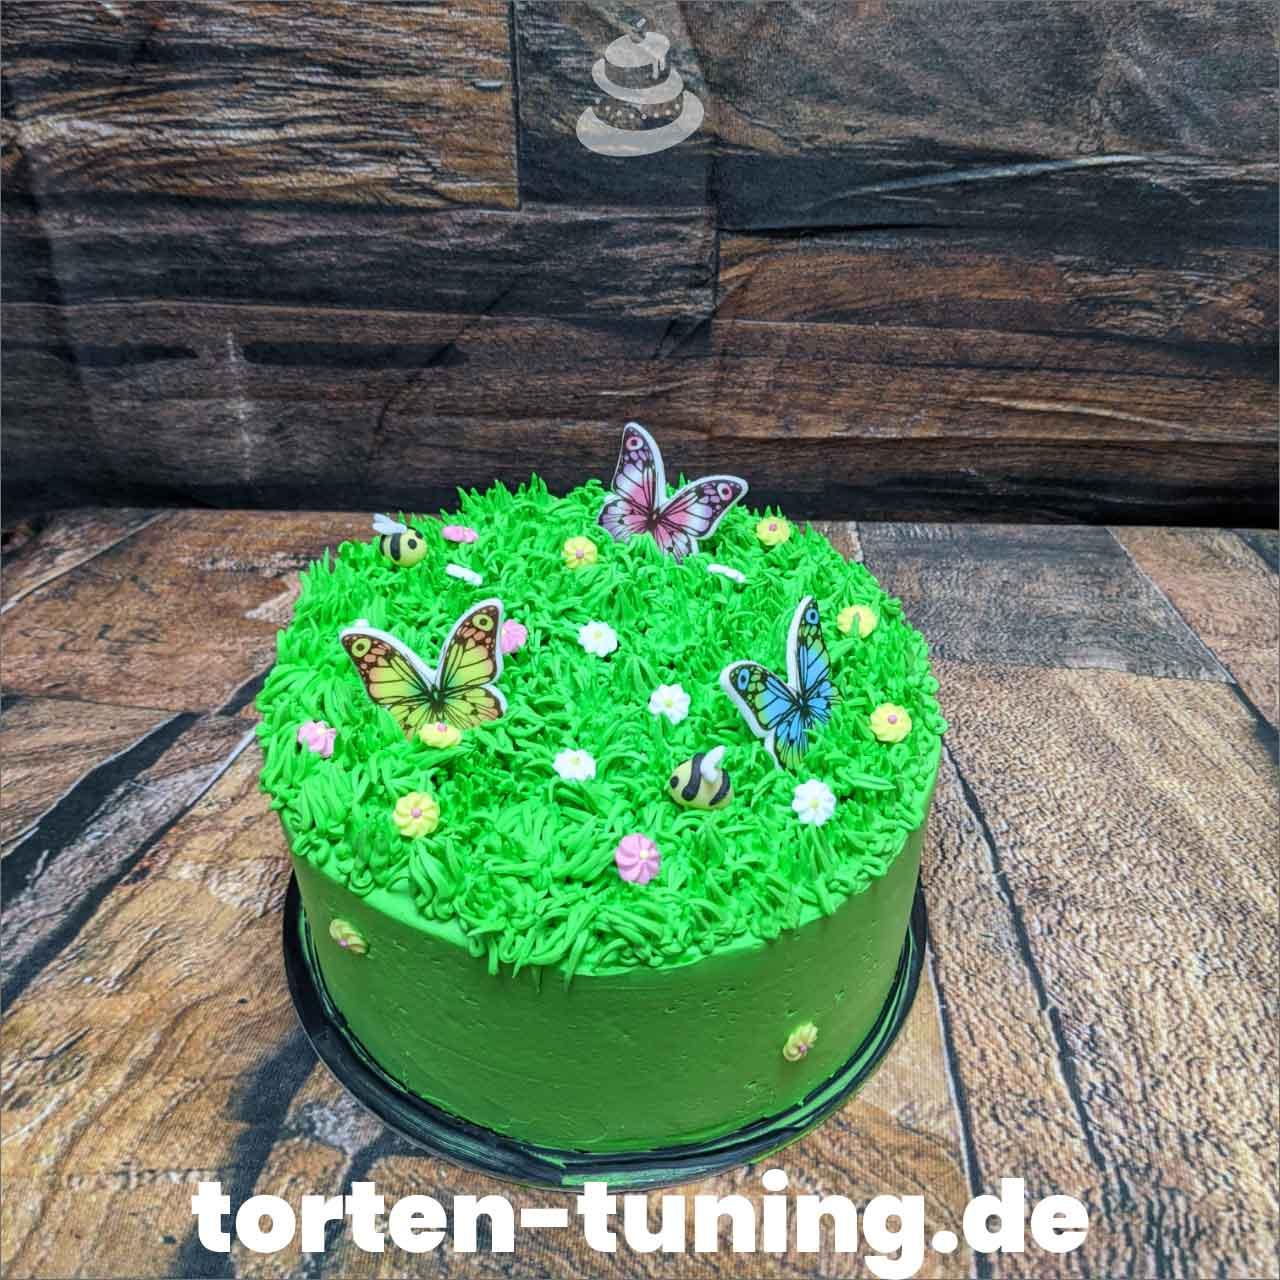 Schmetterling Torten Tuning Tortendekoration Geburtstagstorten Suhl Thüringen Backzubehörshop online bestellen Jugendweihe modellierte Figur